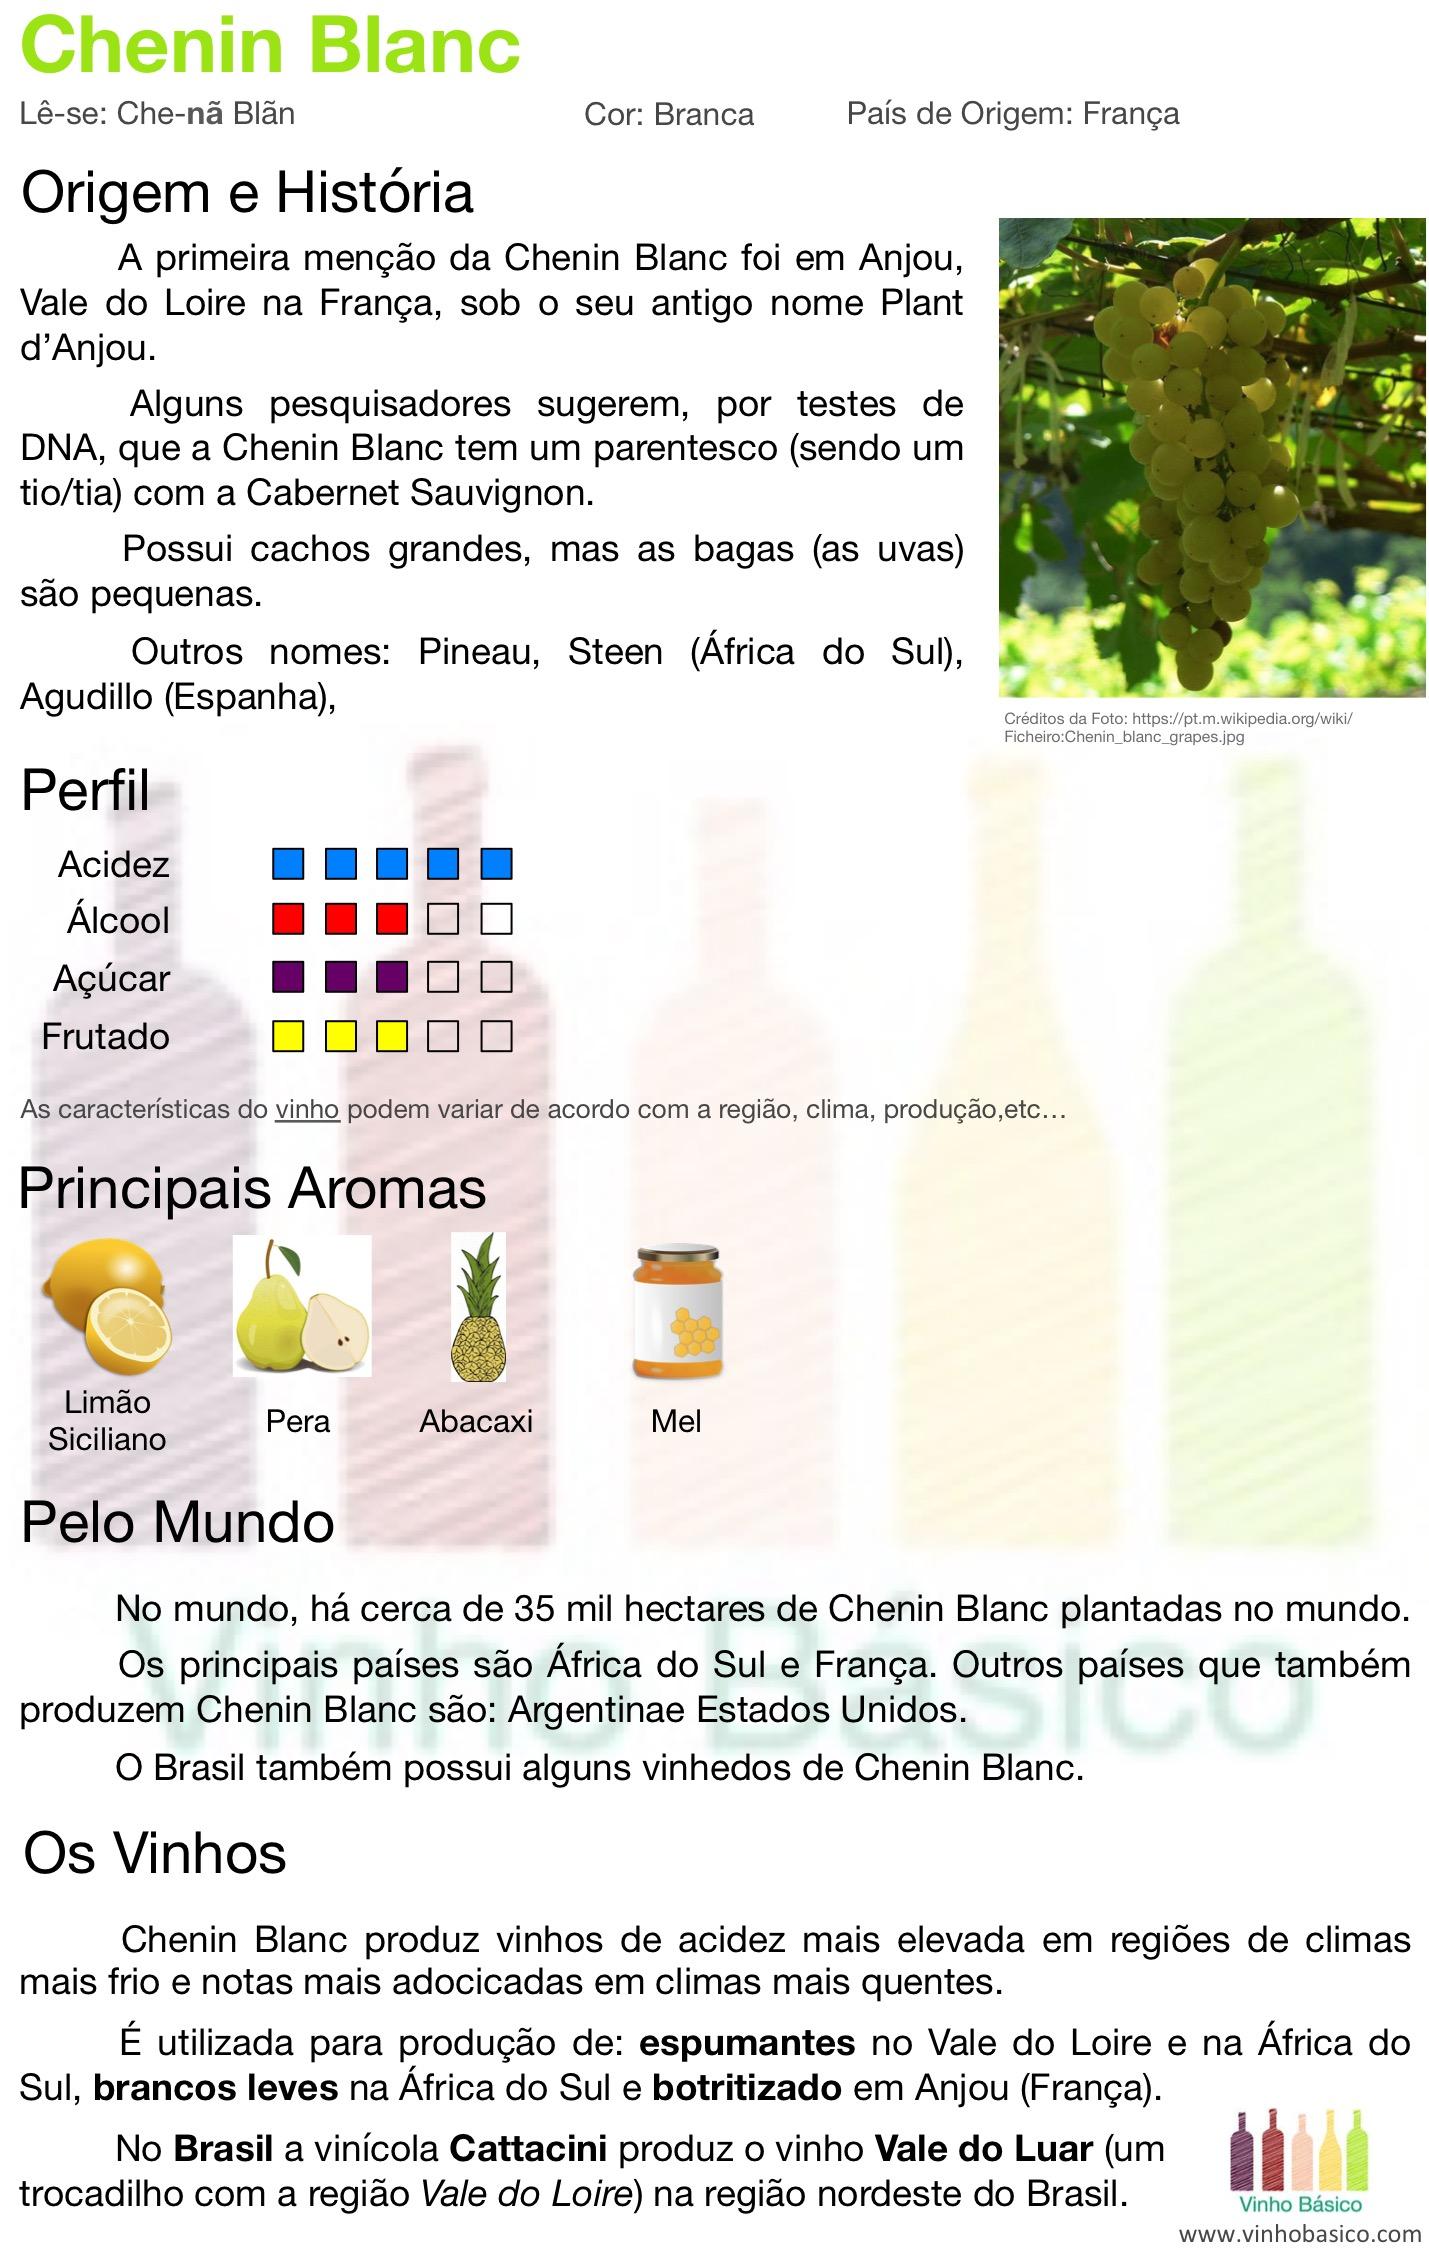 Chenin Blanc vinhobasico